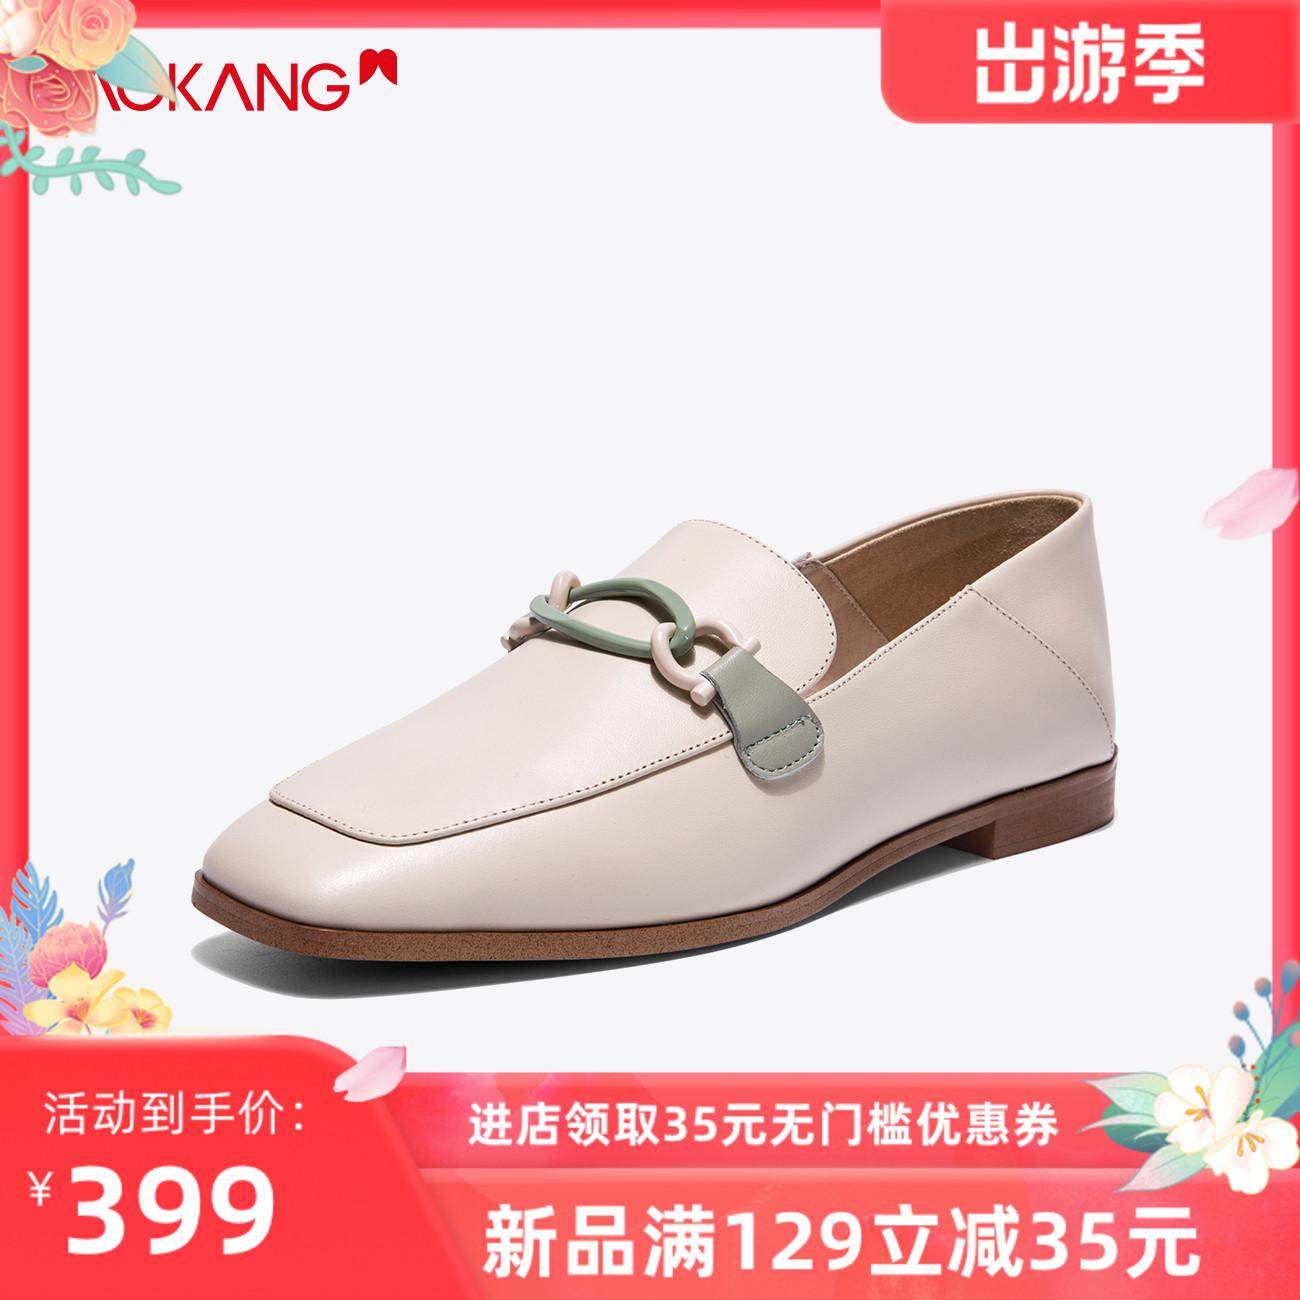 奥康婦人靴2020春新型牛皮革の角頭低と楽福靴の靴単品の靴は足の2つを穿いて色にぶつかります。